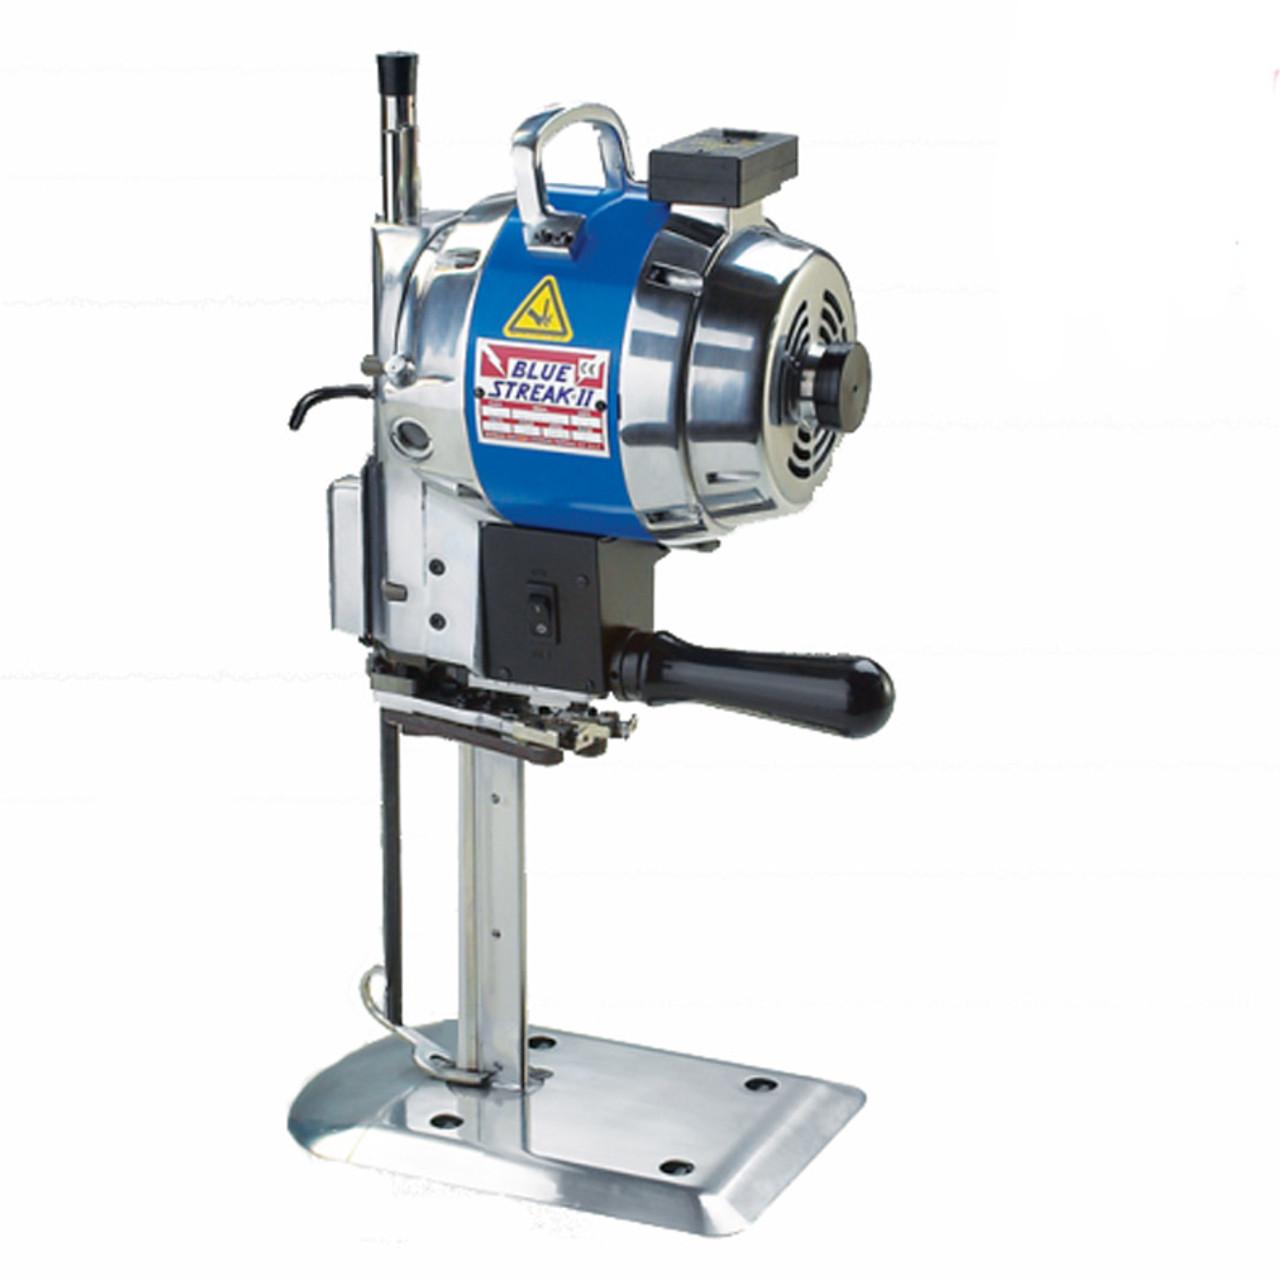 Eastman Blue Streak II 629 Cutting Machine